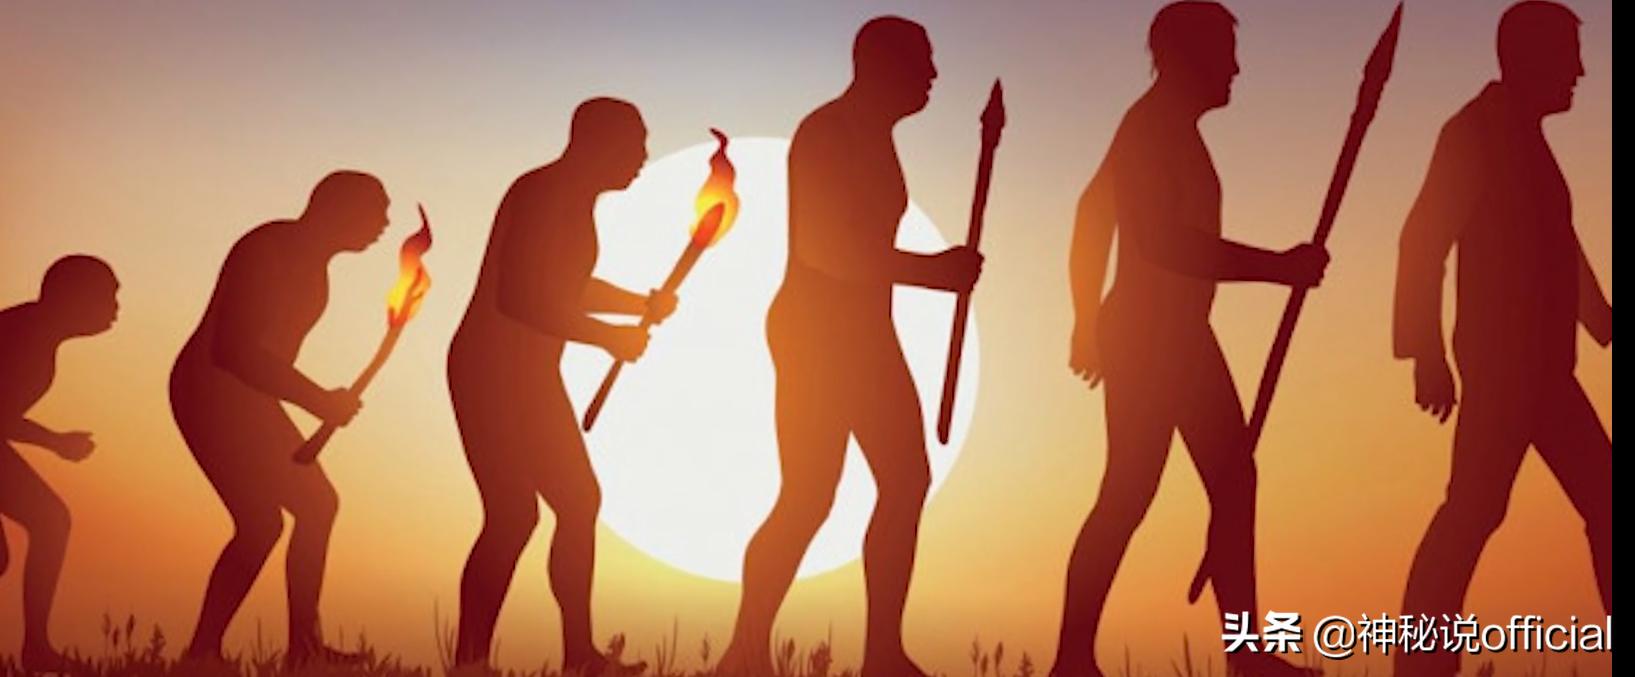 一块石头预言人类命运,苏美尔颠覆三观,史前存在几个高度文明?